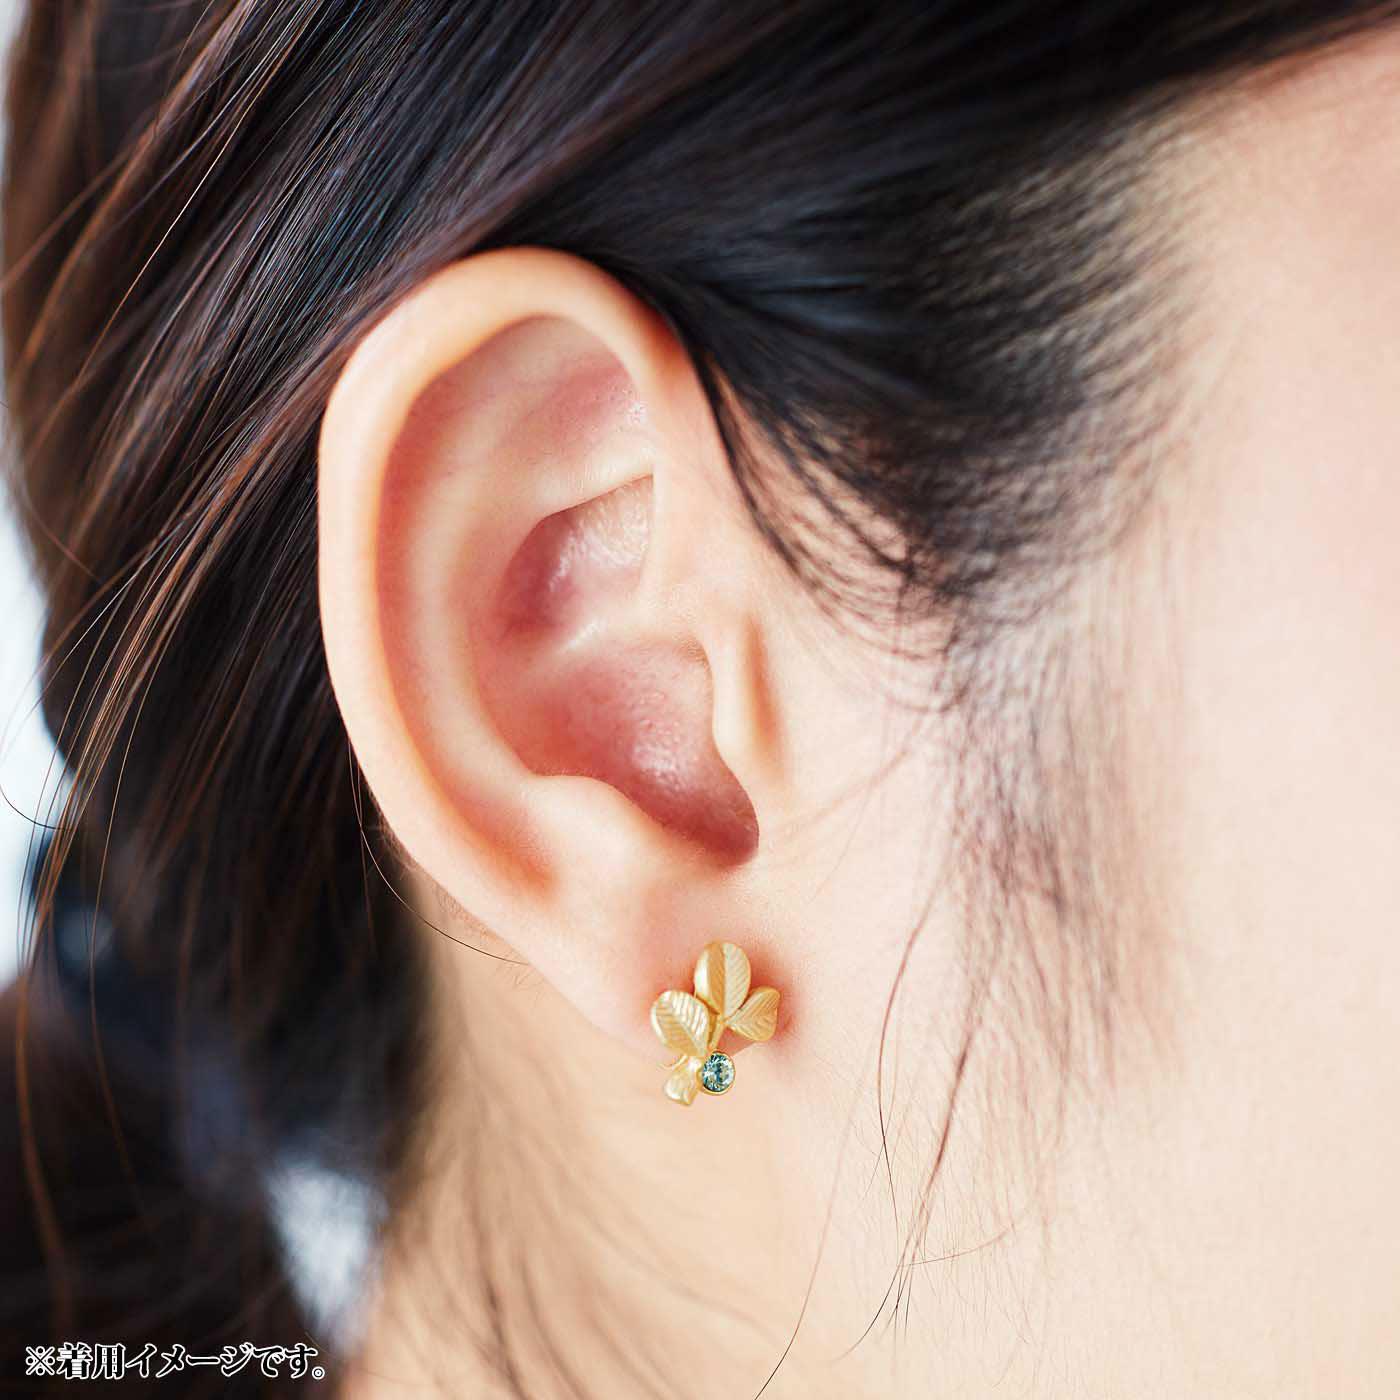 右耳はおそろいのスワロフスキーをあしらったアシメトリーなデザインのピアスまたはイヤリング。